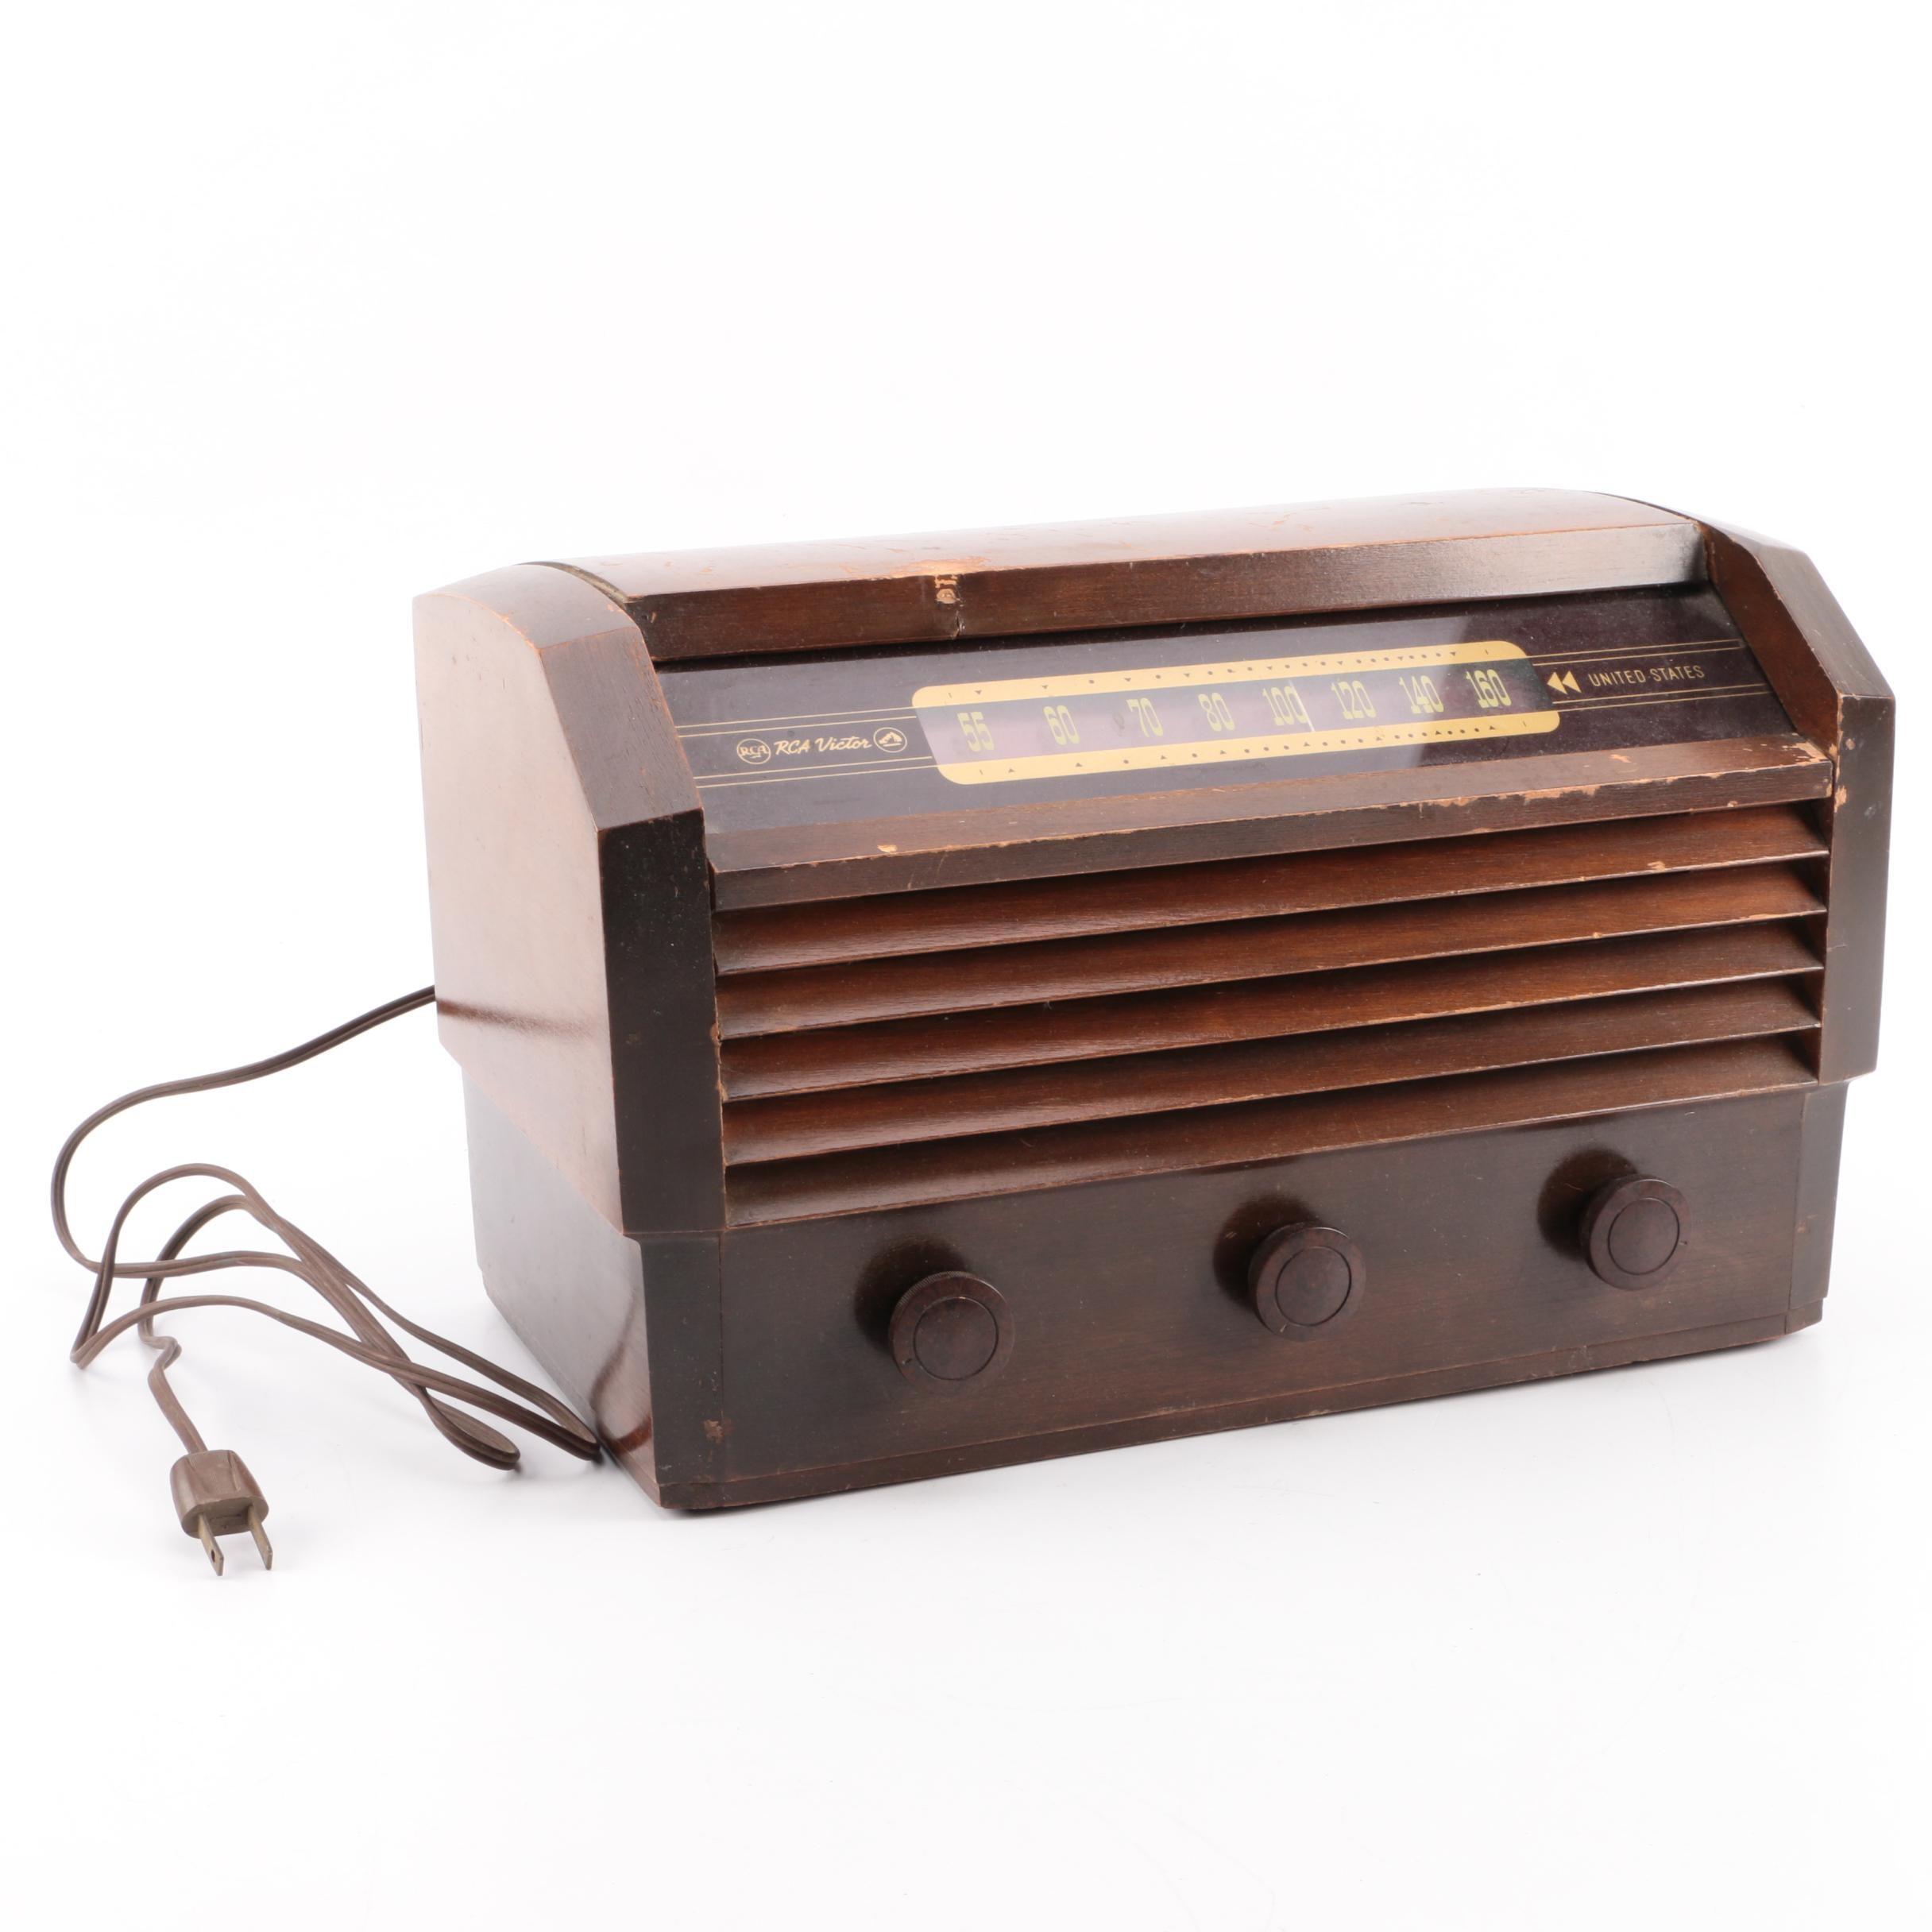 Vintage RCA Victor Tube Radio